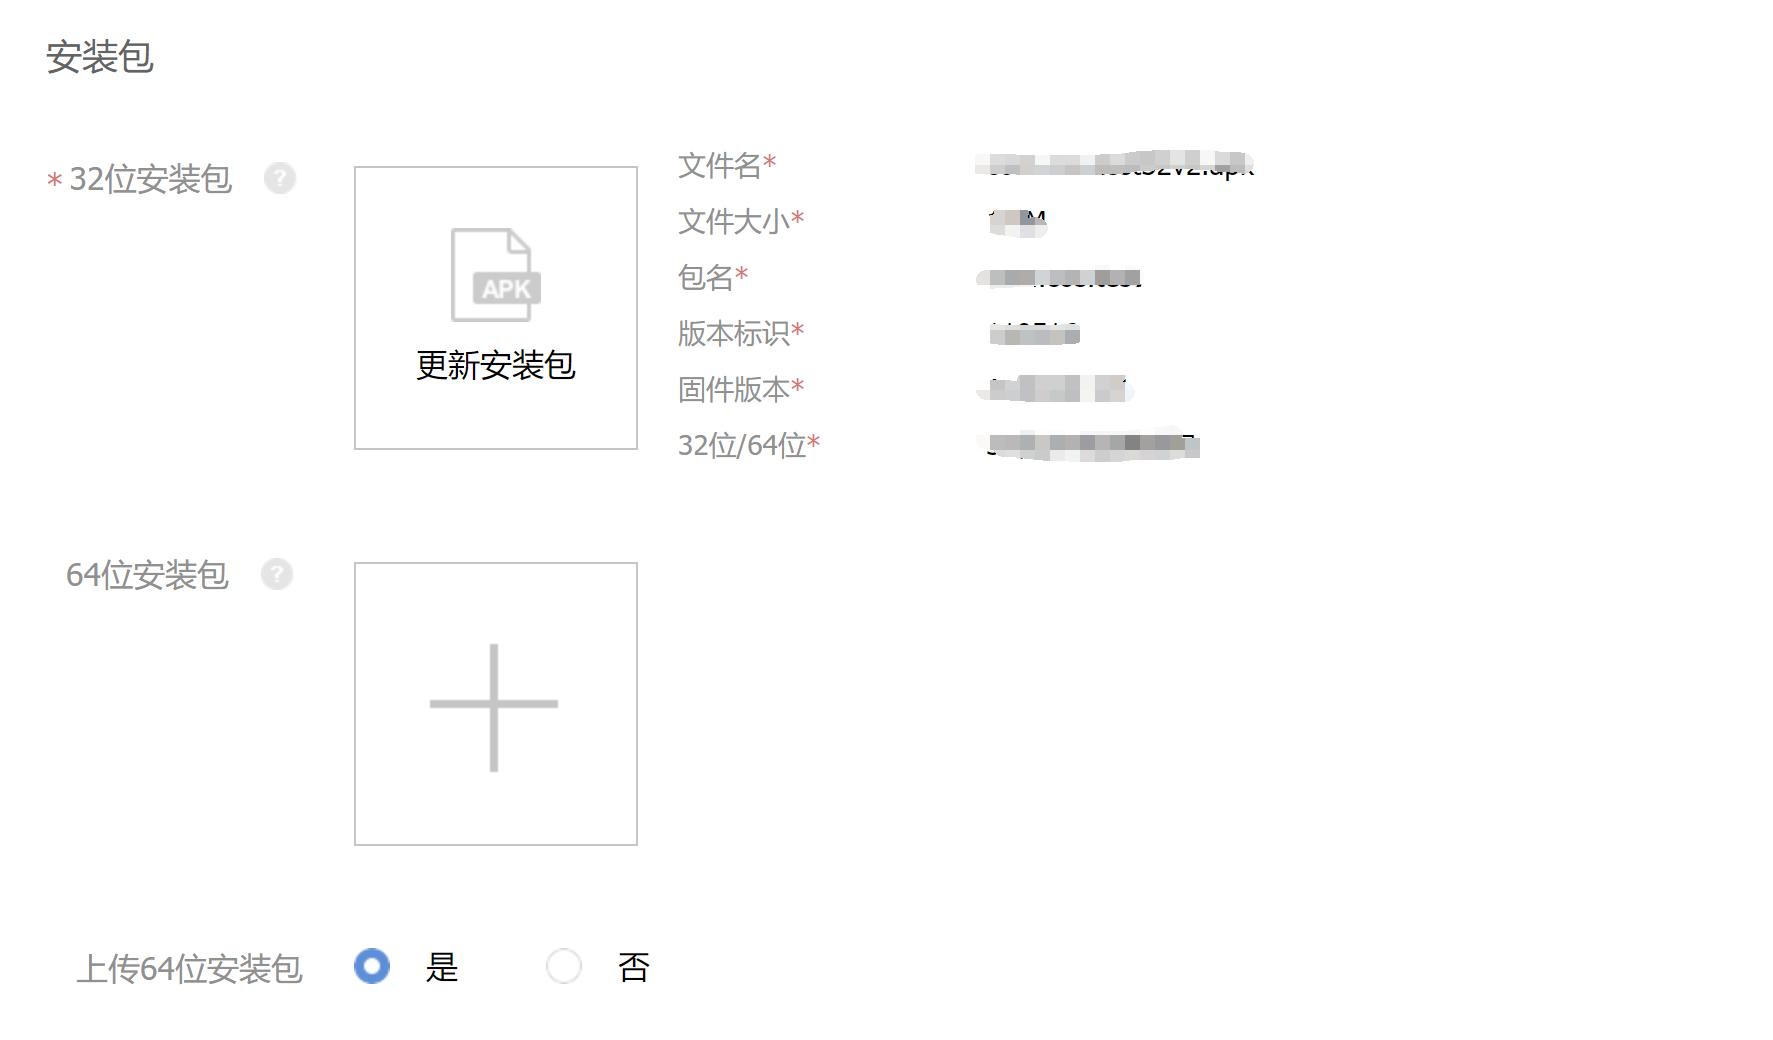 tongshishangchuan32wei64weibaozhiyin_004.png